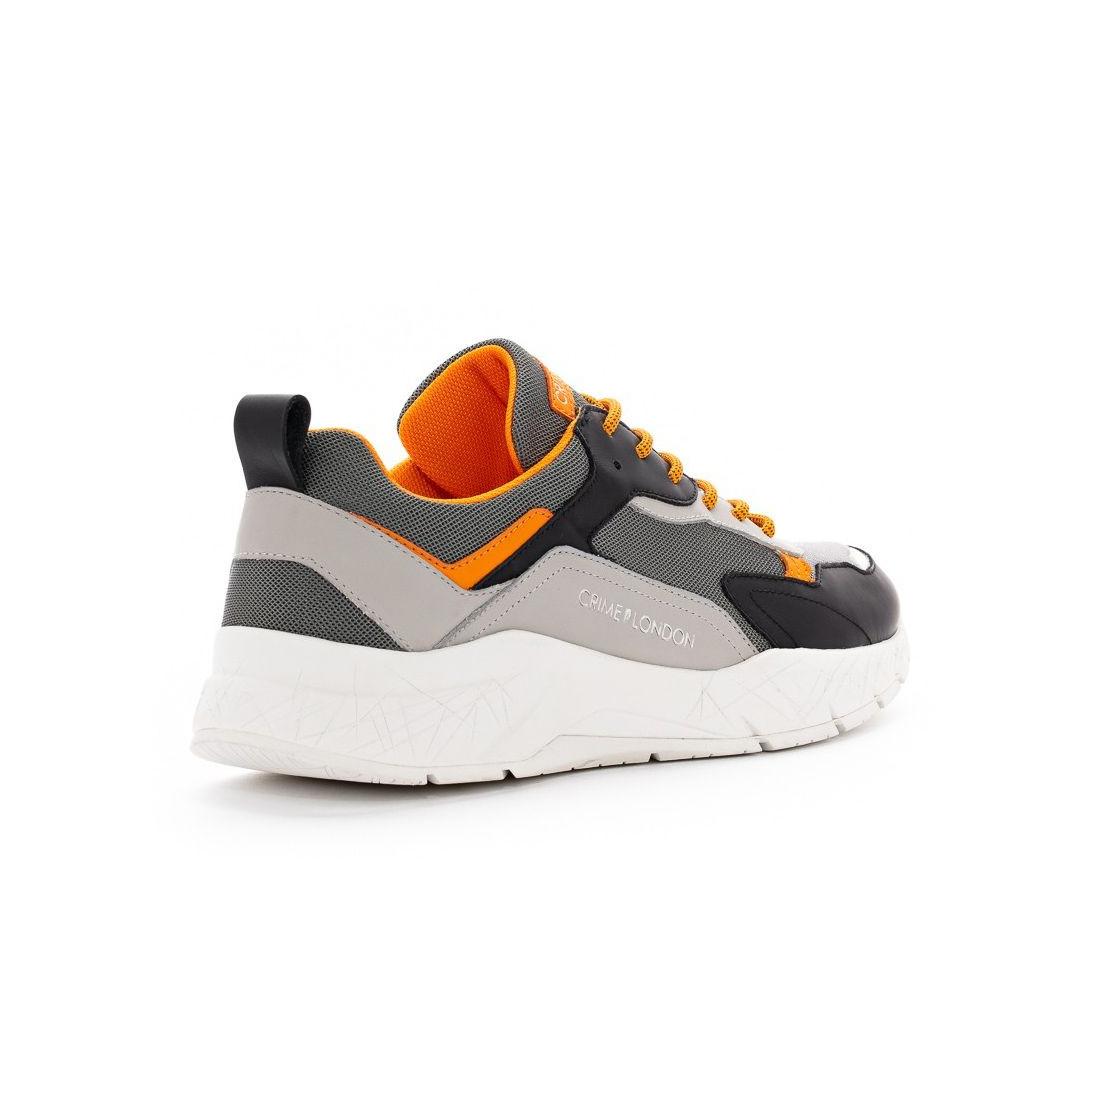 sneakers herren crime london 1152680 4268